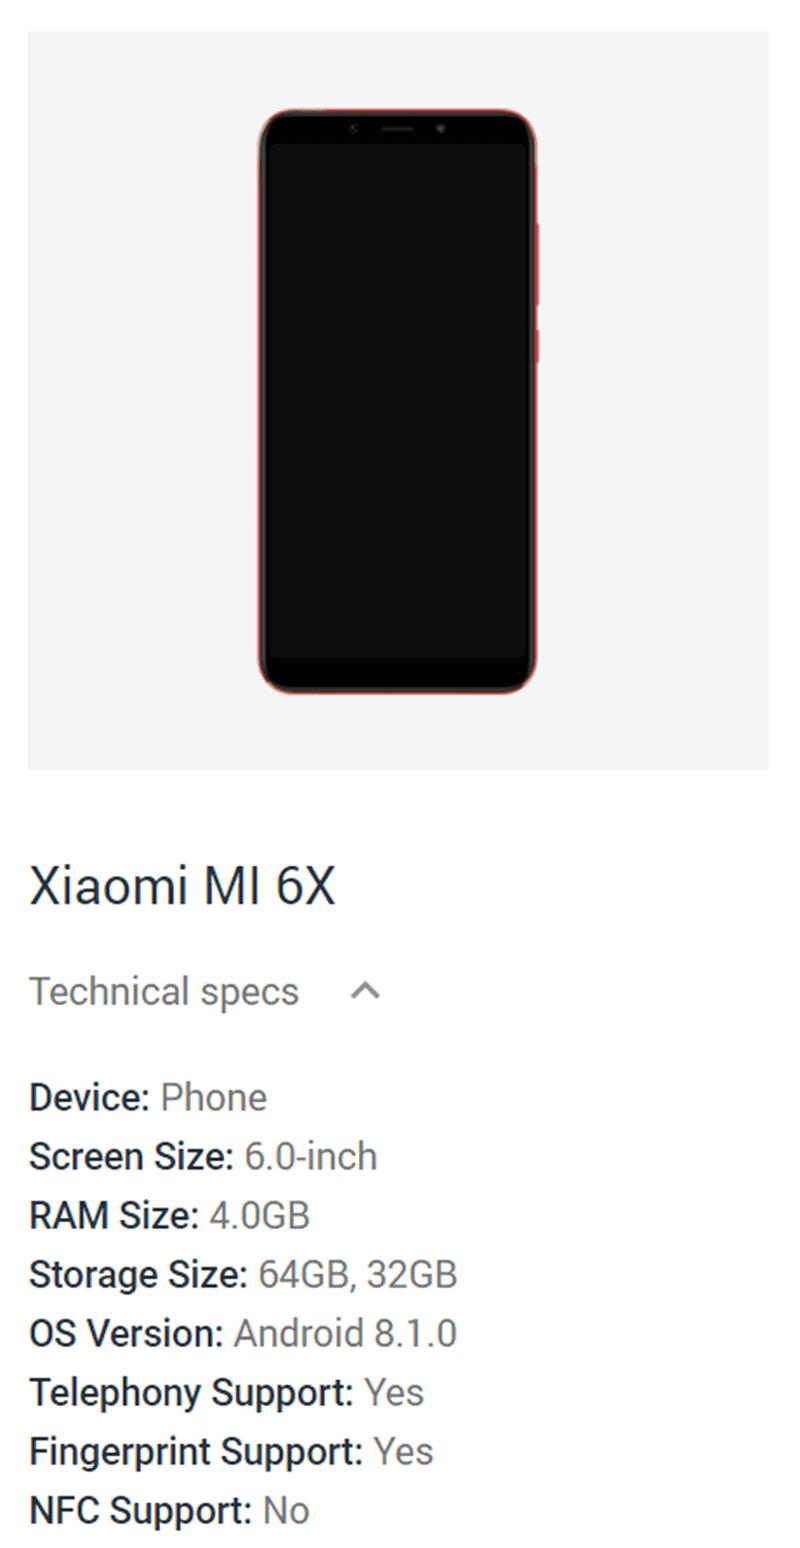 Confirmed specs of Mi 6X